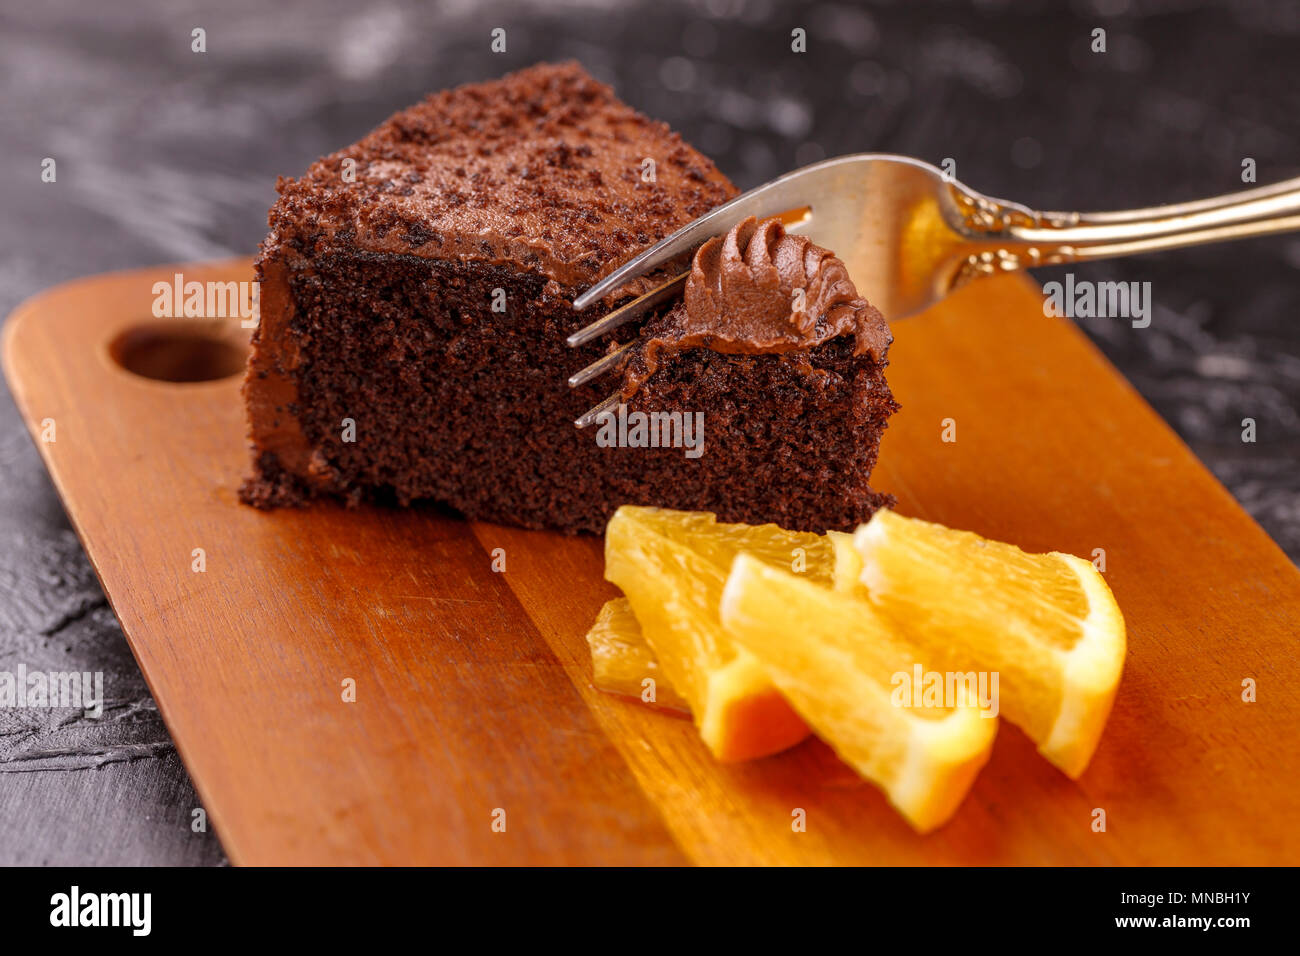 Un close up image de couper dans un morceau de gâteau au chocolat riche garni de tranches d'orange. Photo Stock